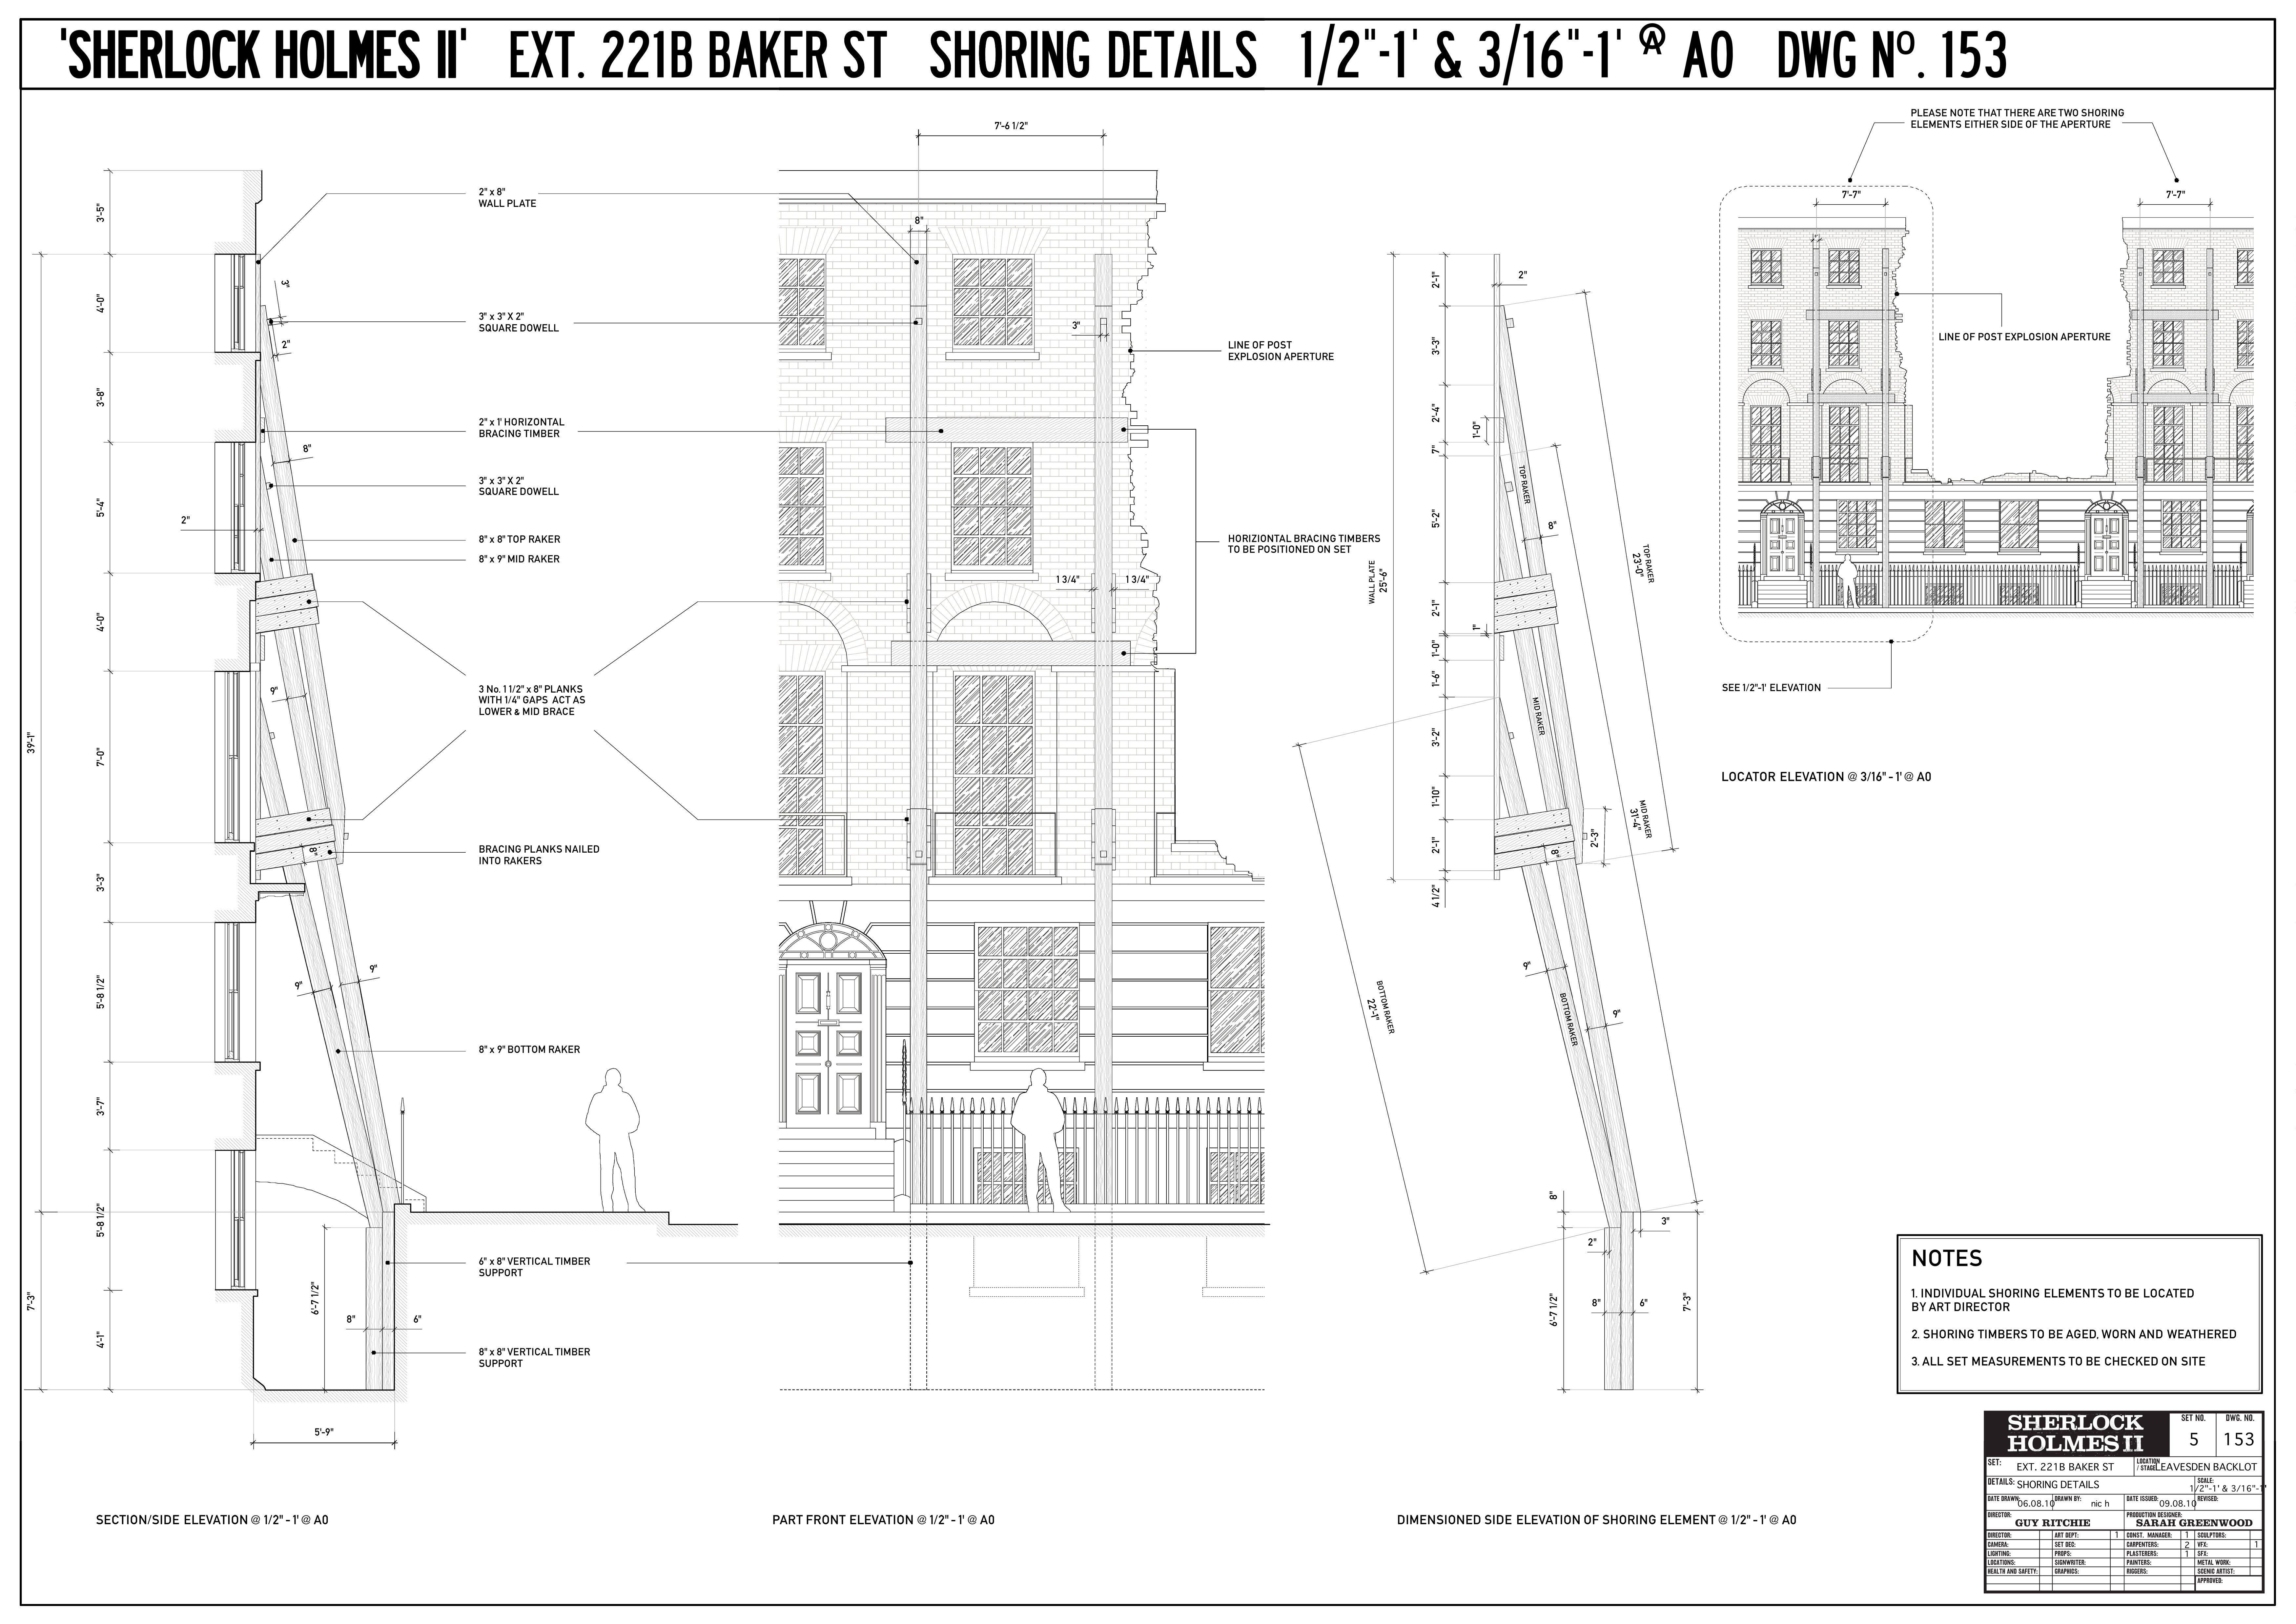 baker_st_shoring_details.jpg (7000×4952)